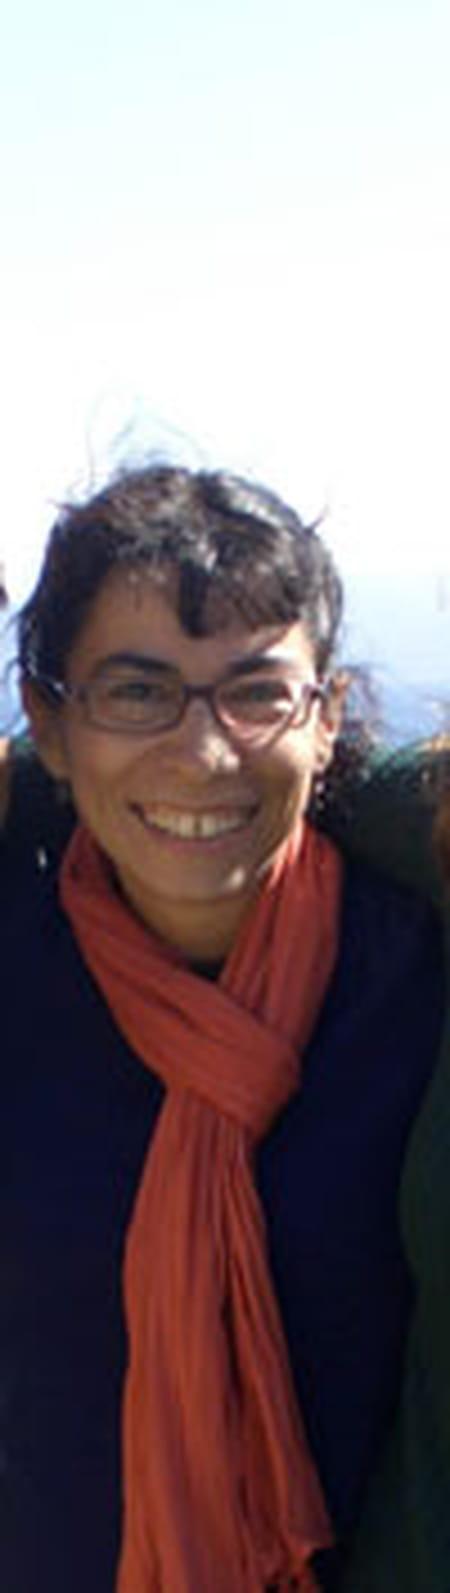 Virginie Costa